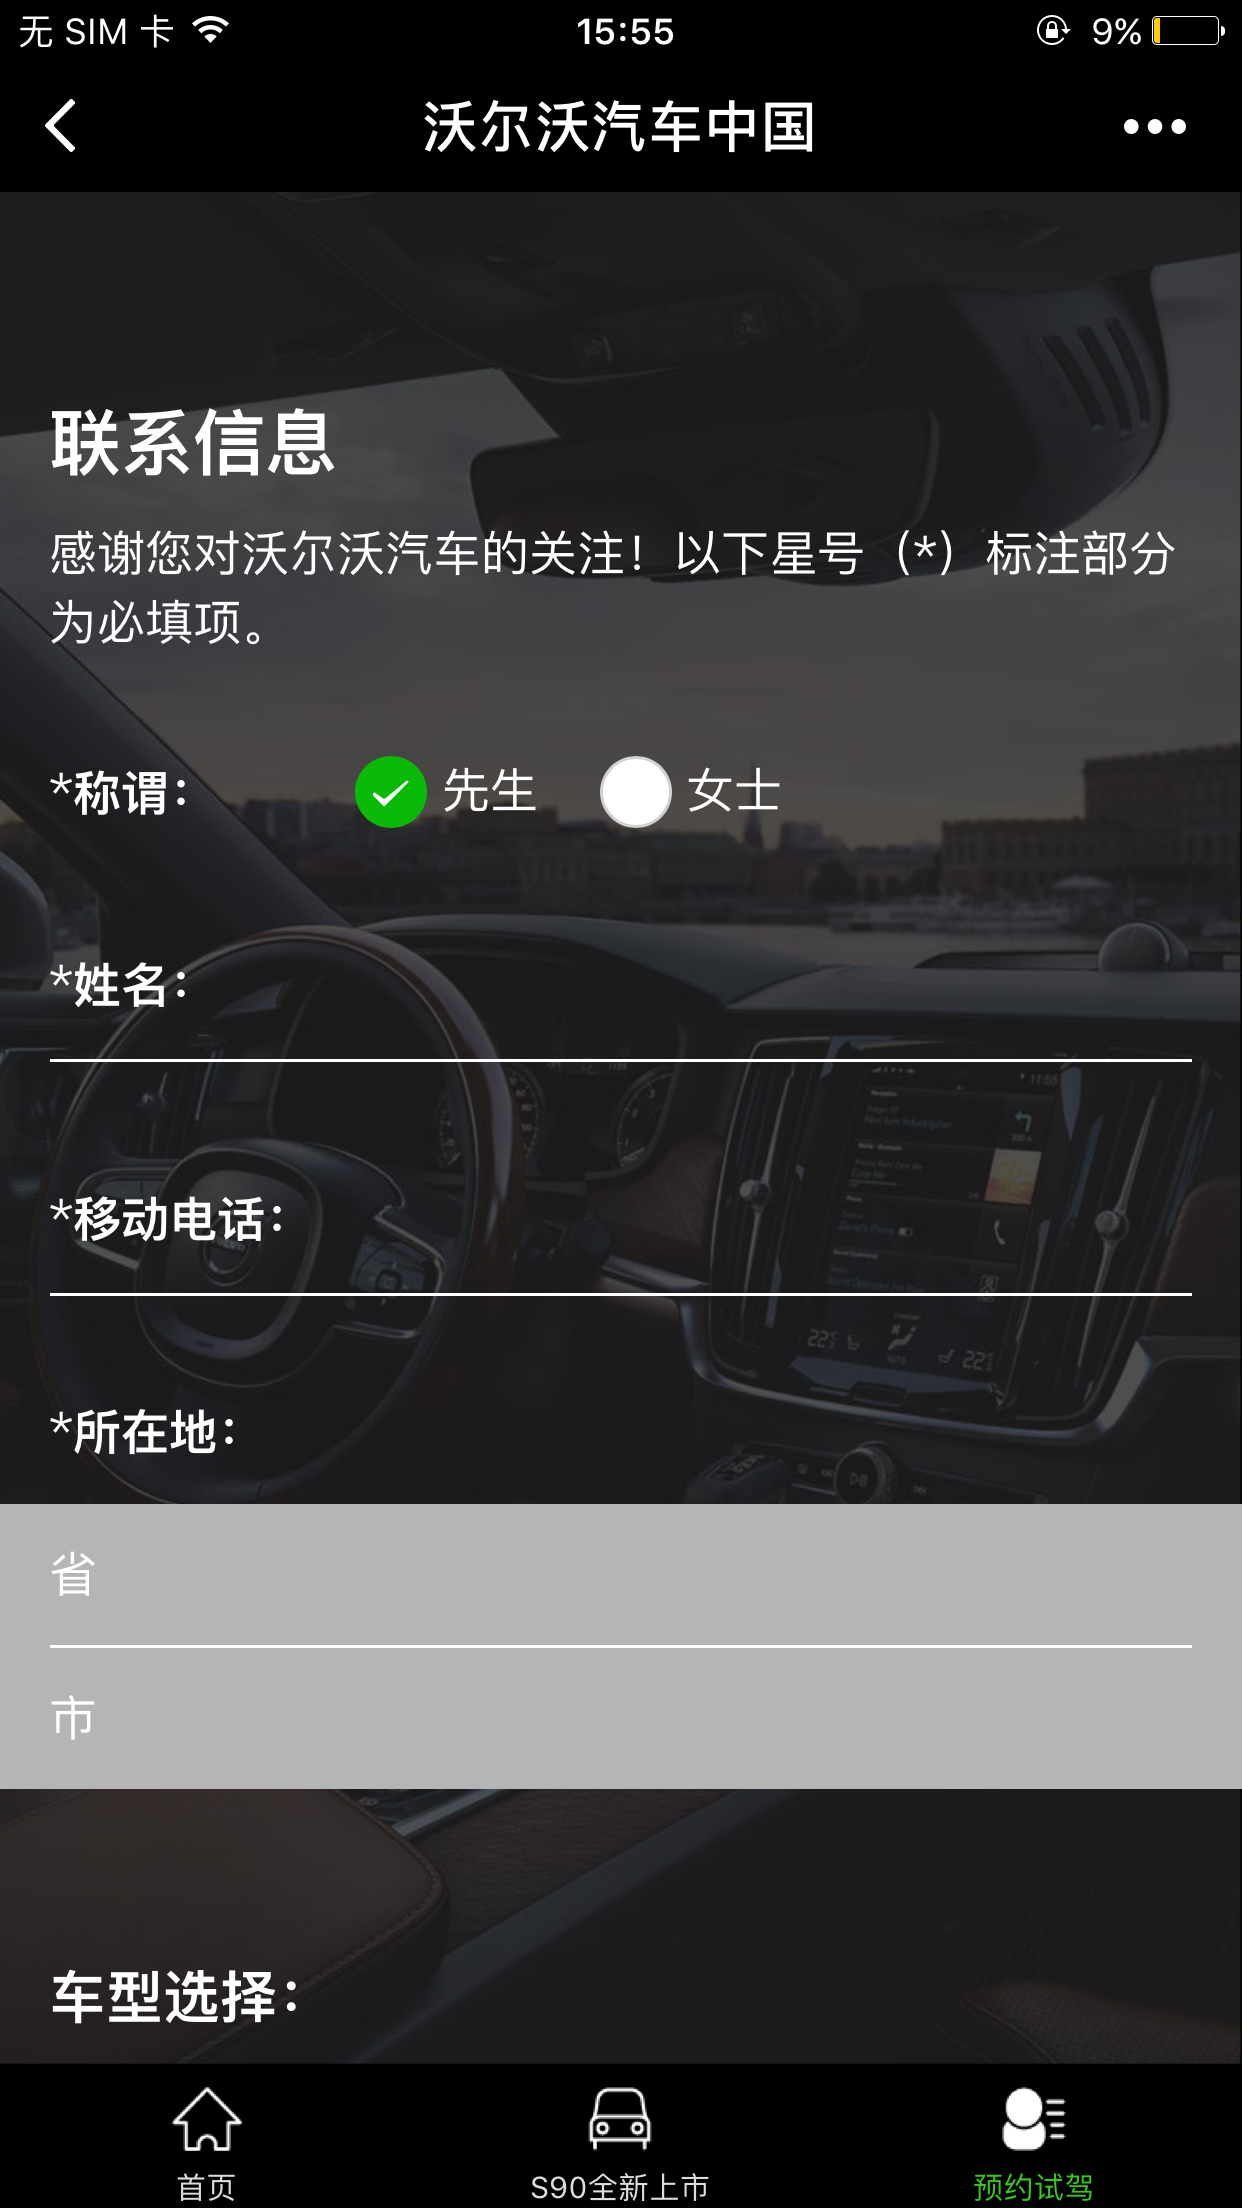 沃尔沃Volvo汽车中国小程序